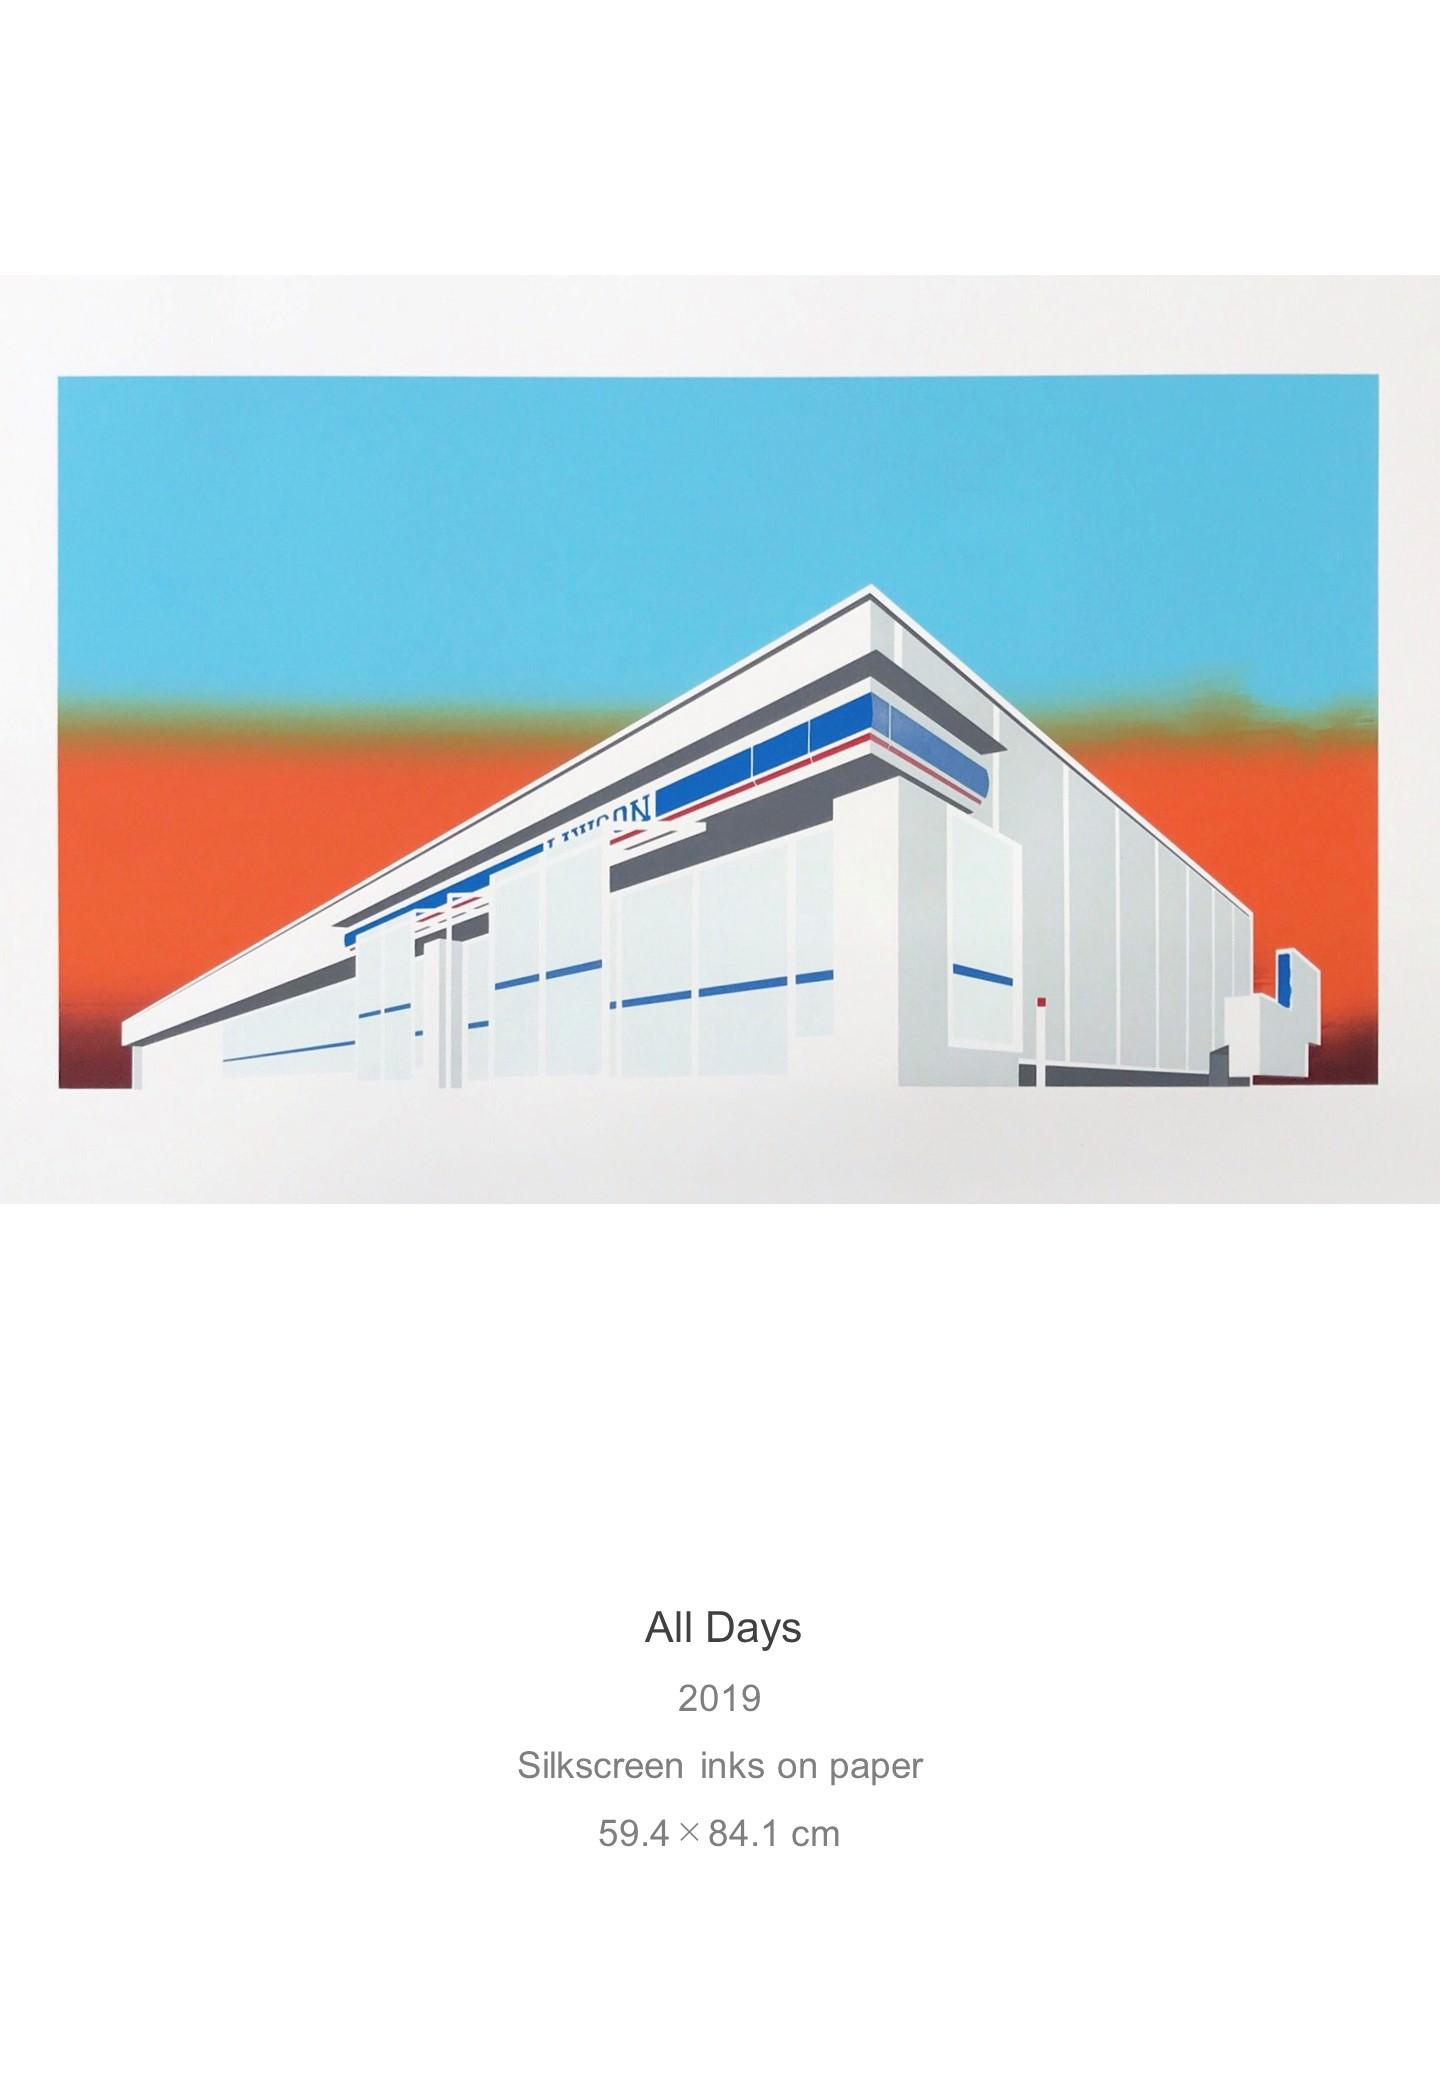 Shota Imai's Artwork of All Days